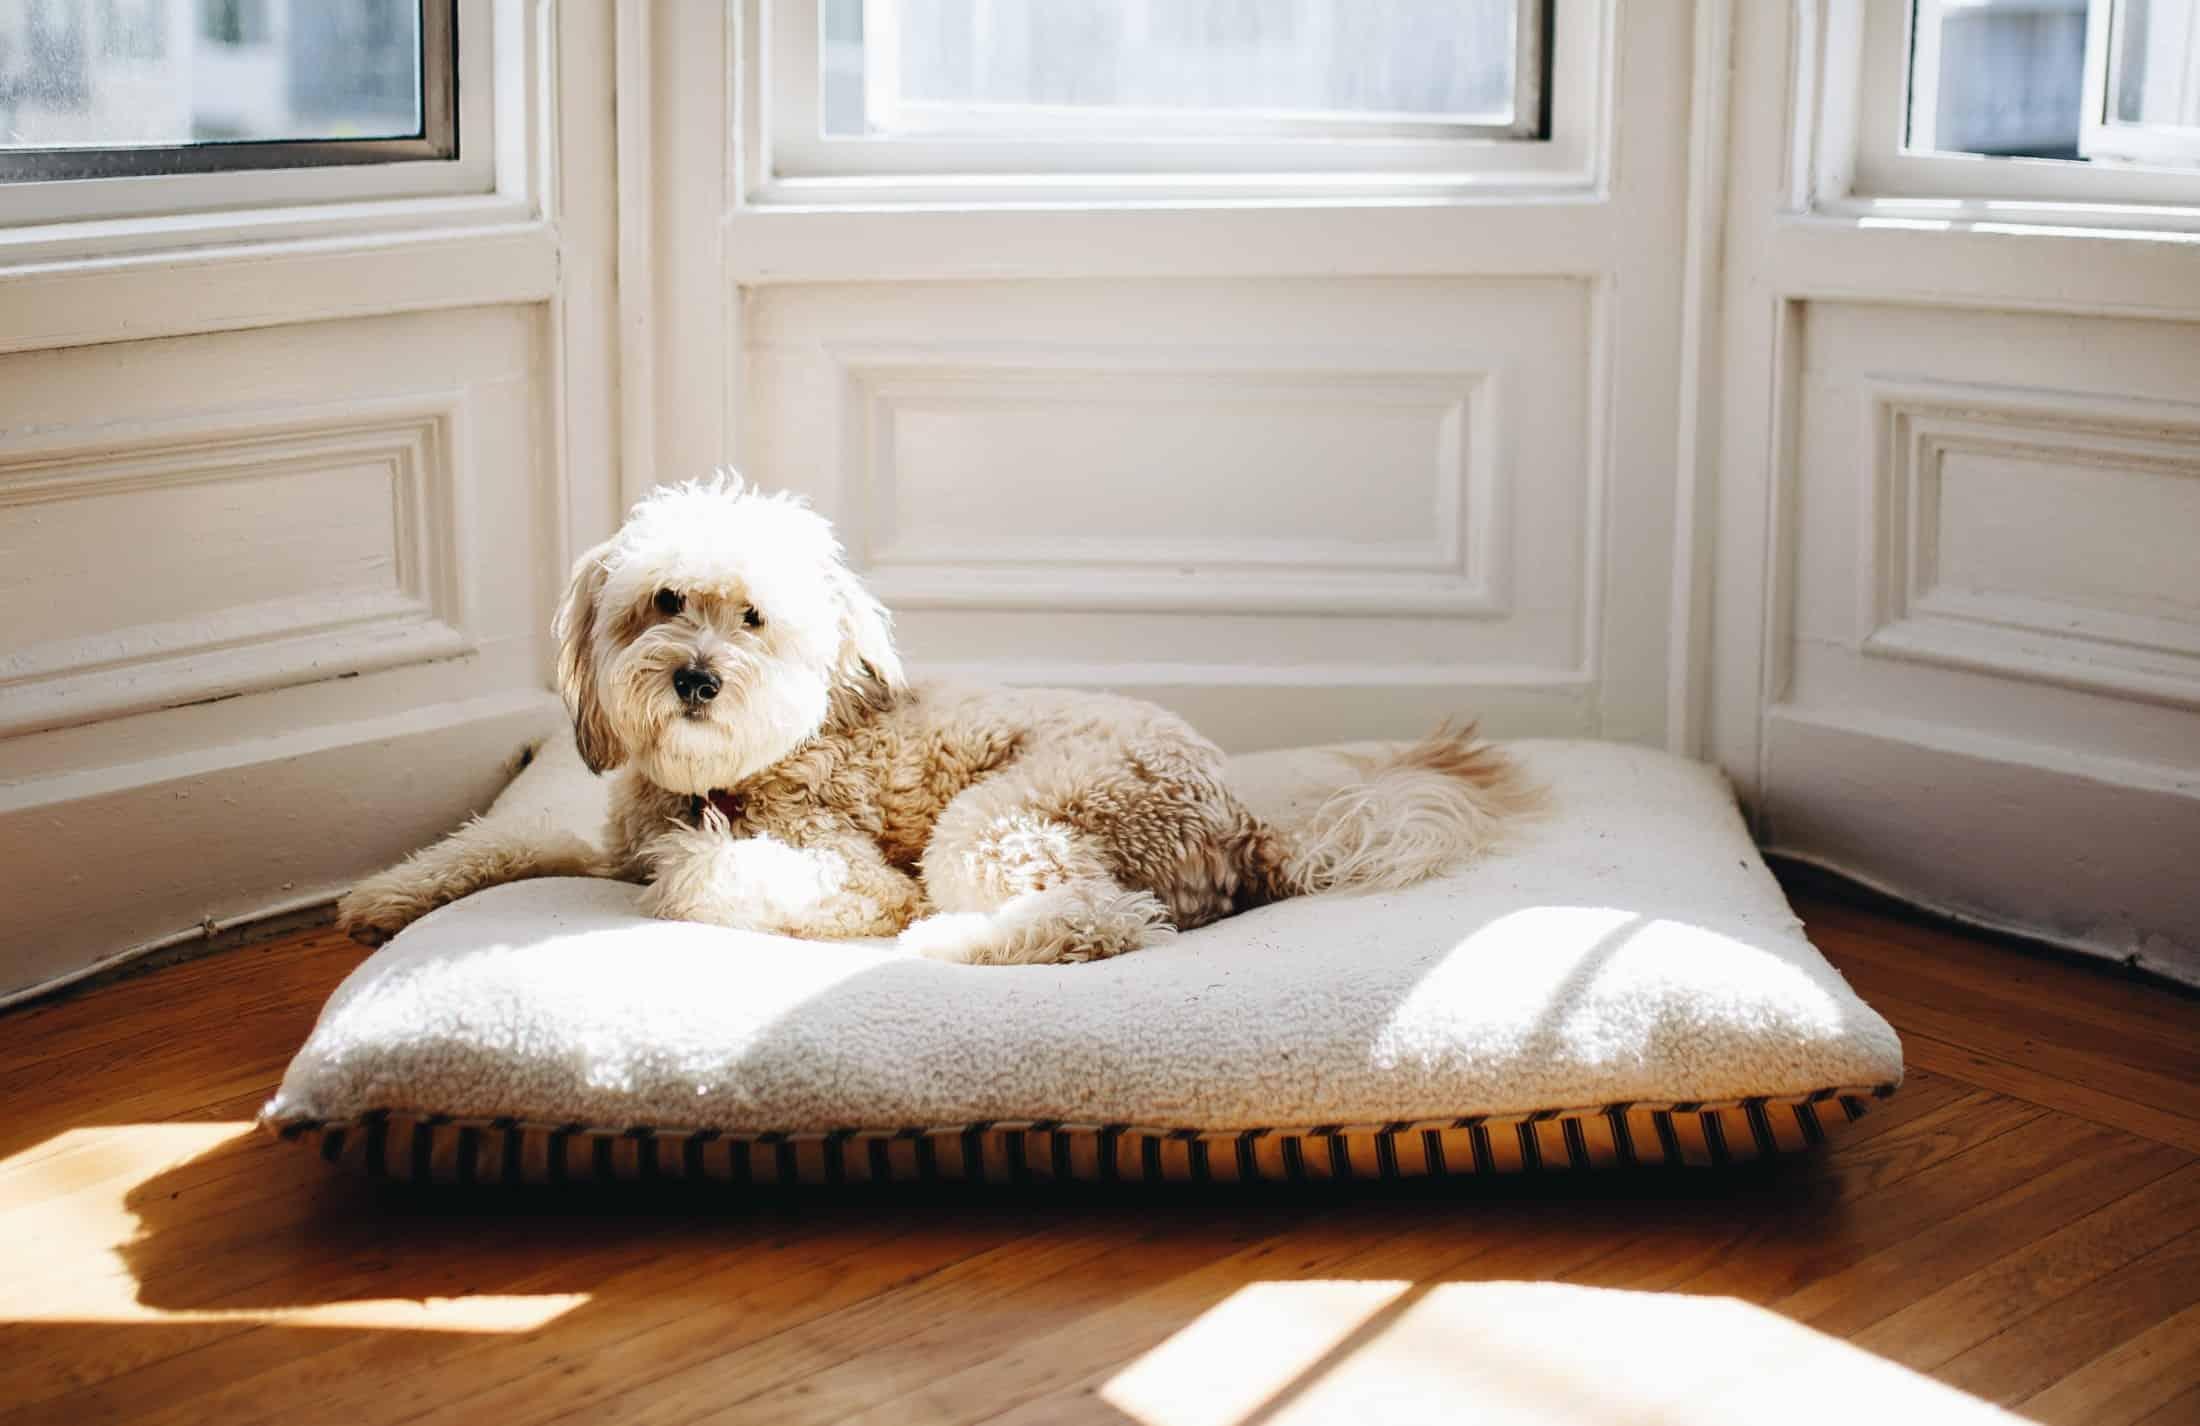 Full Size of Hunde Bett Hundebett Test Empfehlungen 02 20 Petmeister Lifetime Billerbeck Betten überlänge Zum Ausziehen 120x190 Bambus Modernes 180x200 120 X 200 160x200 Bett Hunde Bett